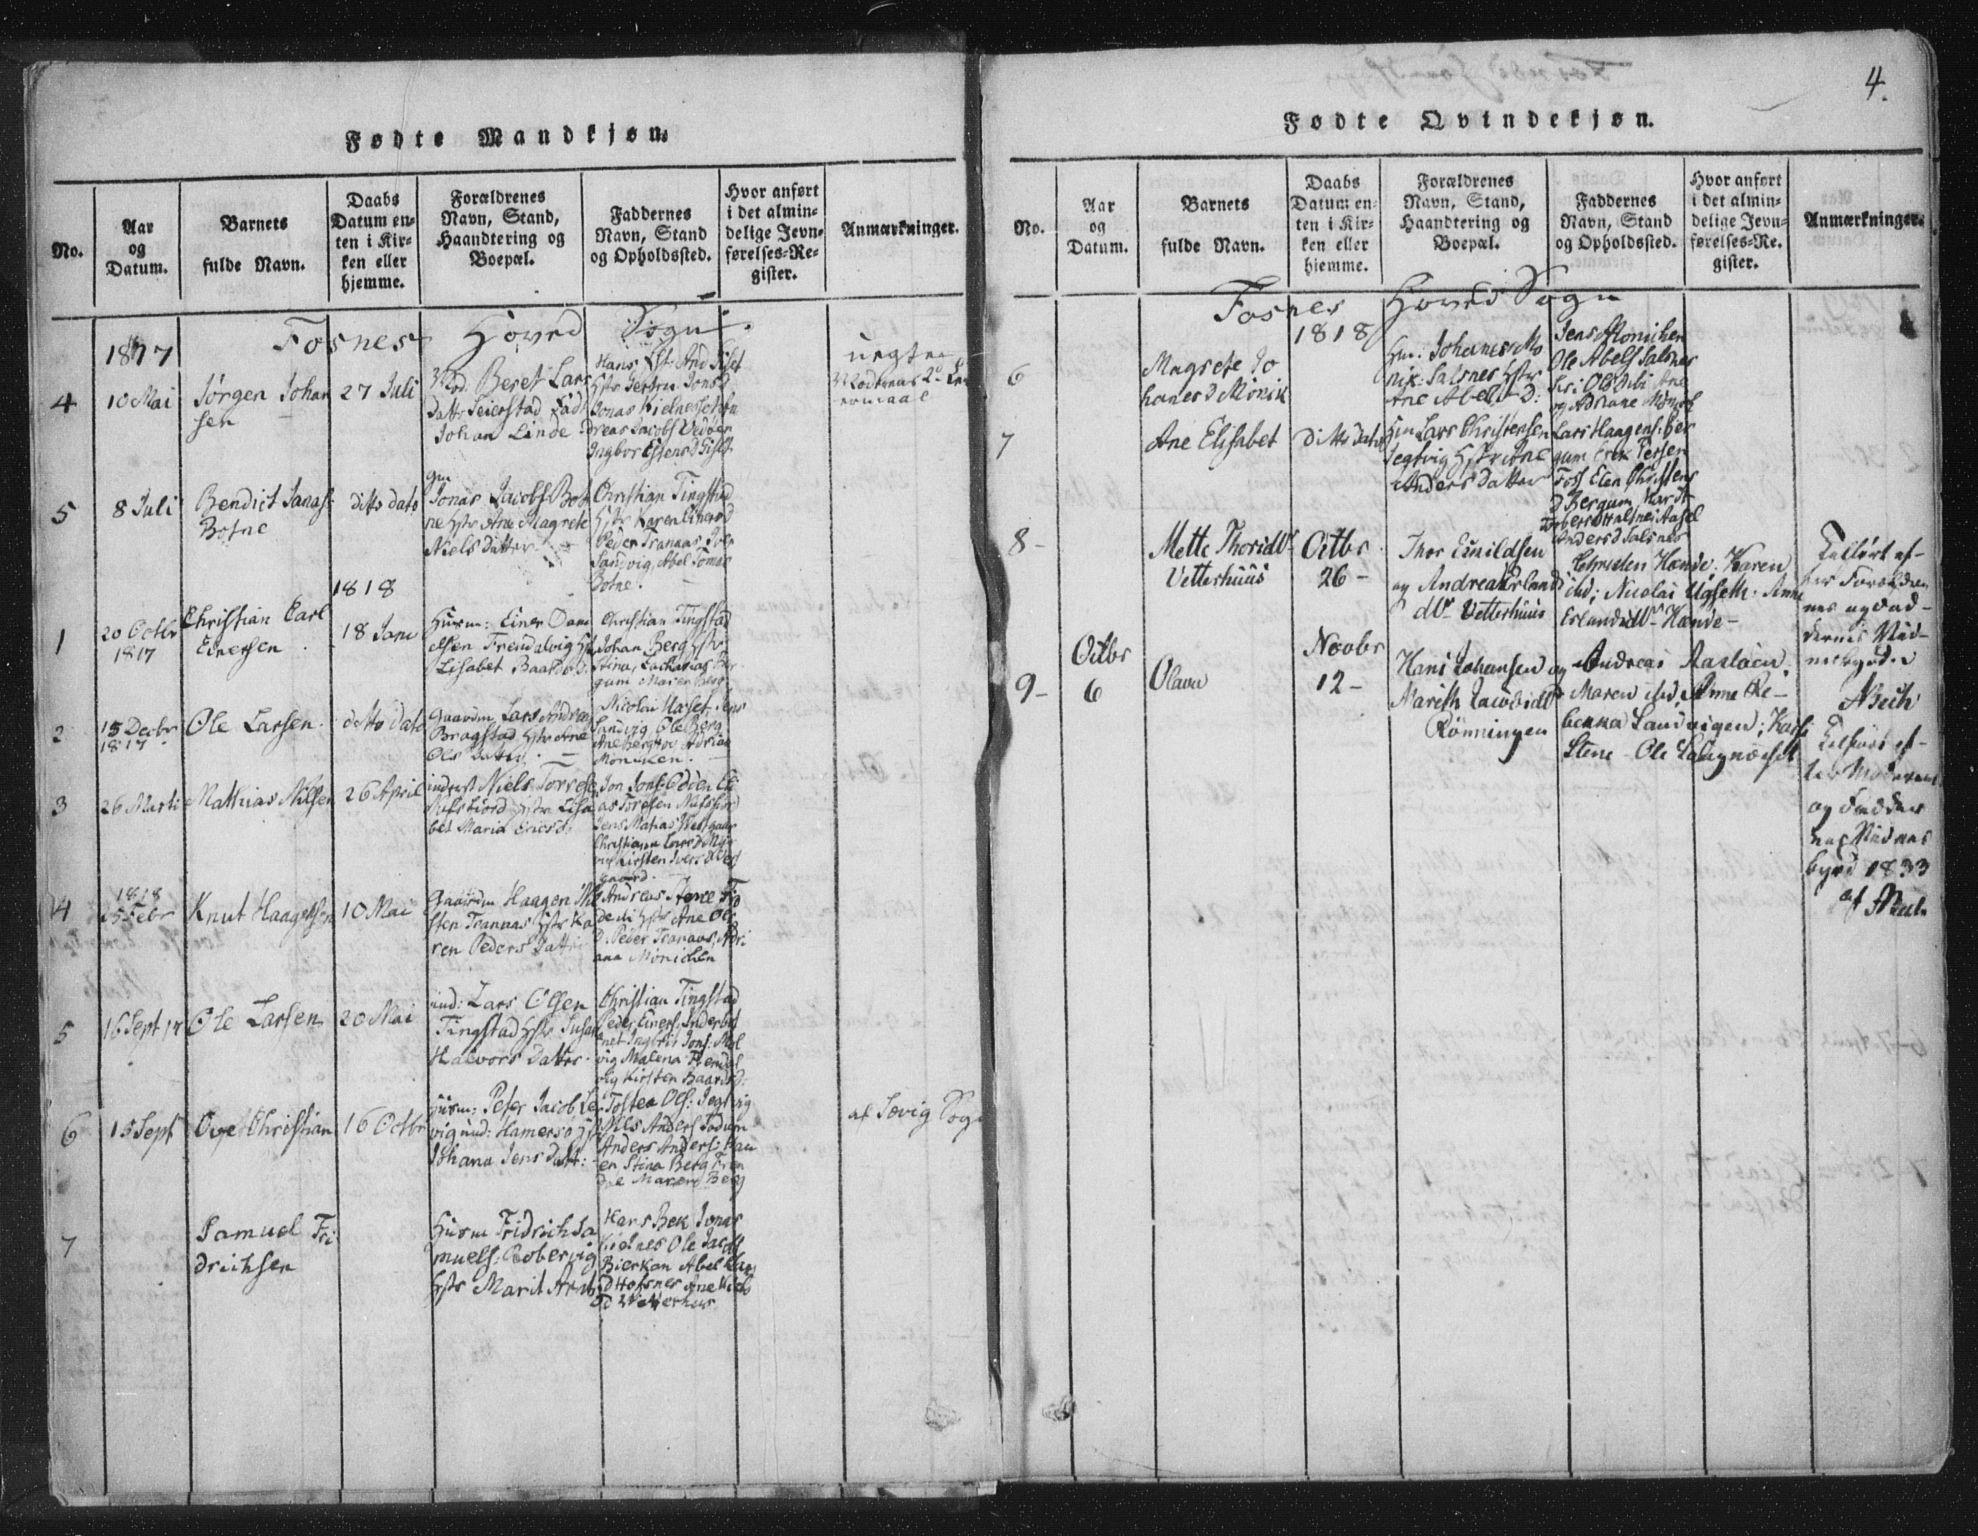 SAT, Ministerialprotokoller, klokkerbøker og fødselsregistre - Nord-Trøndelag, 773/L0609: Ministerialbok nr. 773A03 /1, 1815-1830, s. 4